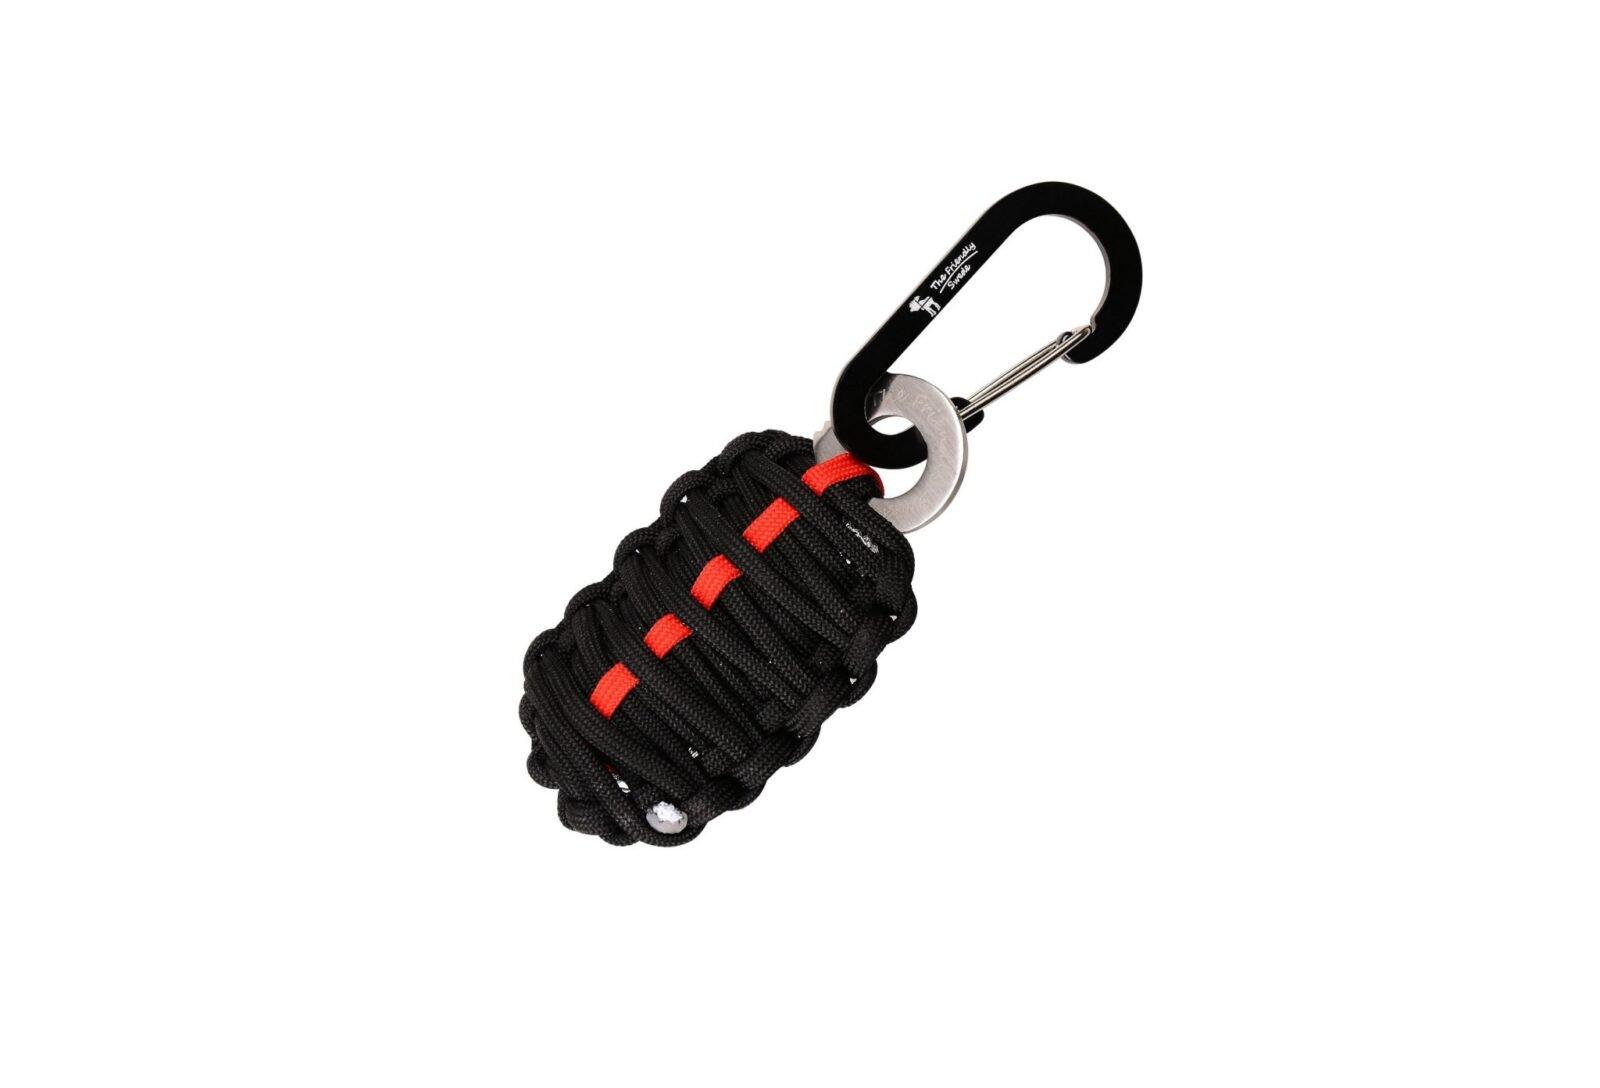 Survival Grenade 1600x1088 - Survival Grenade